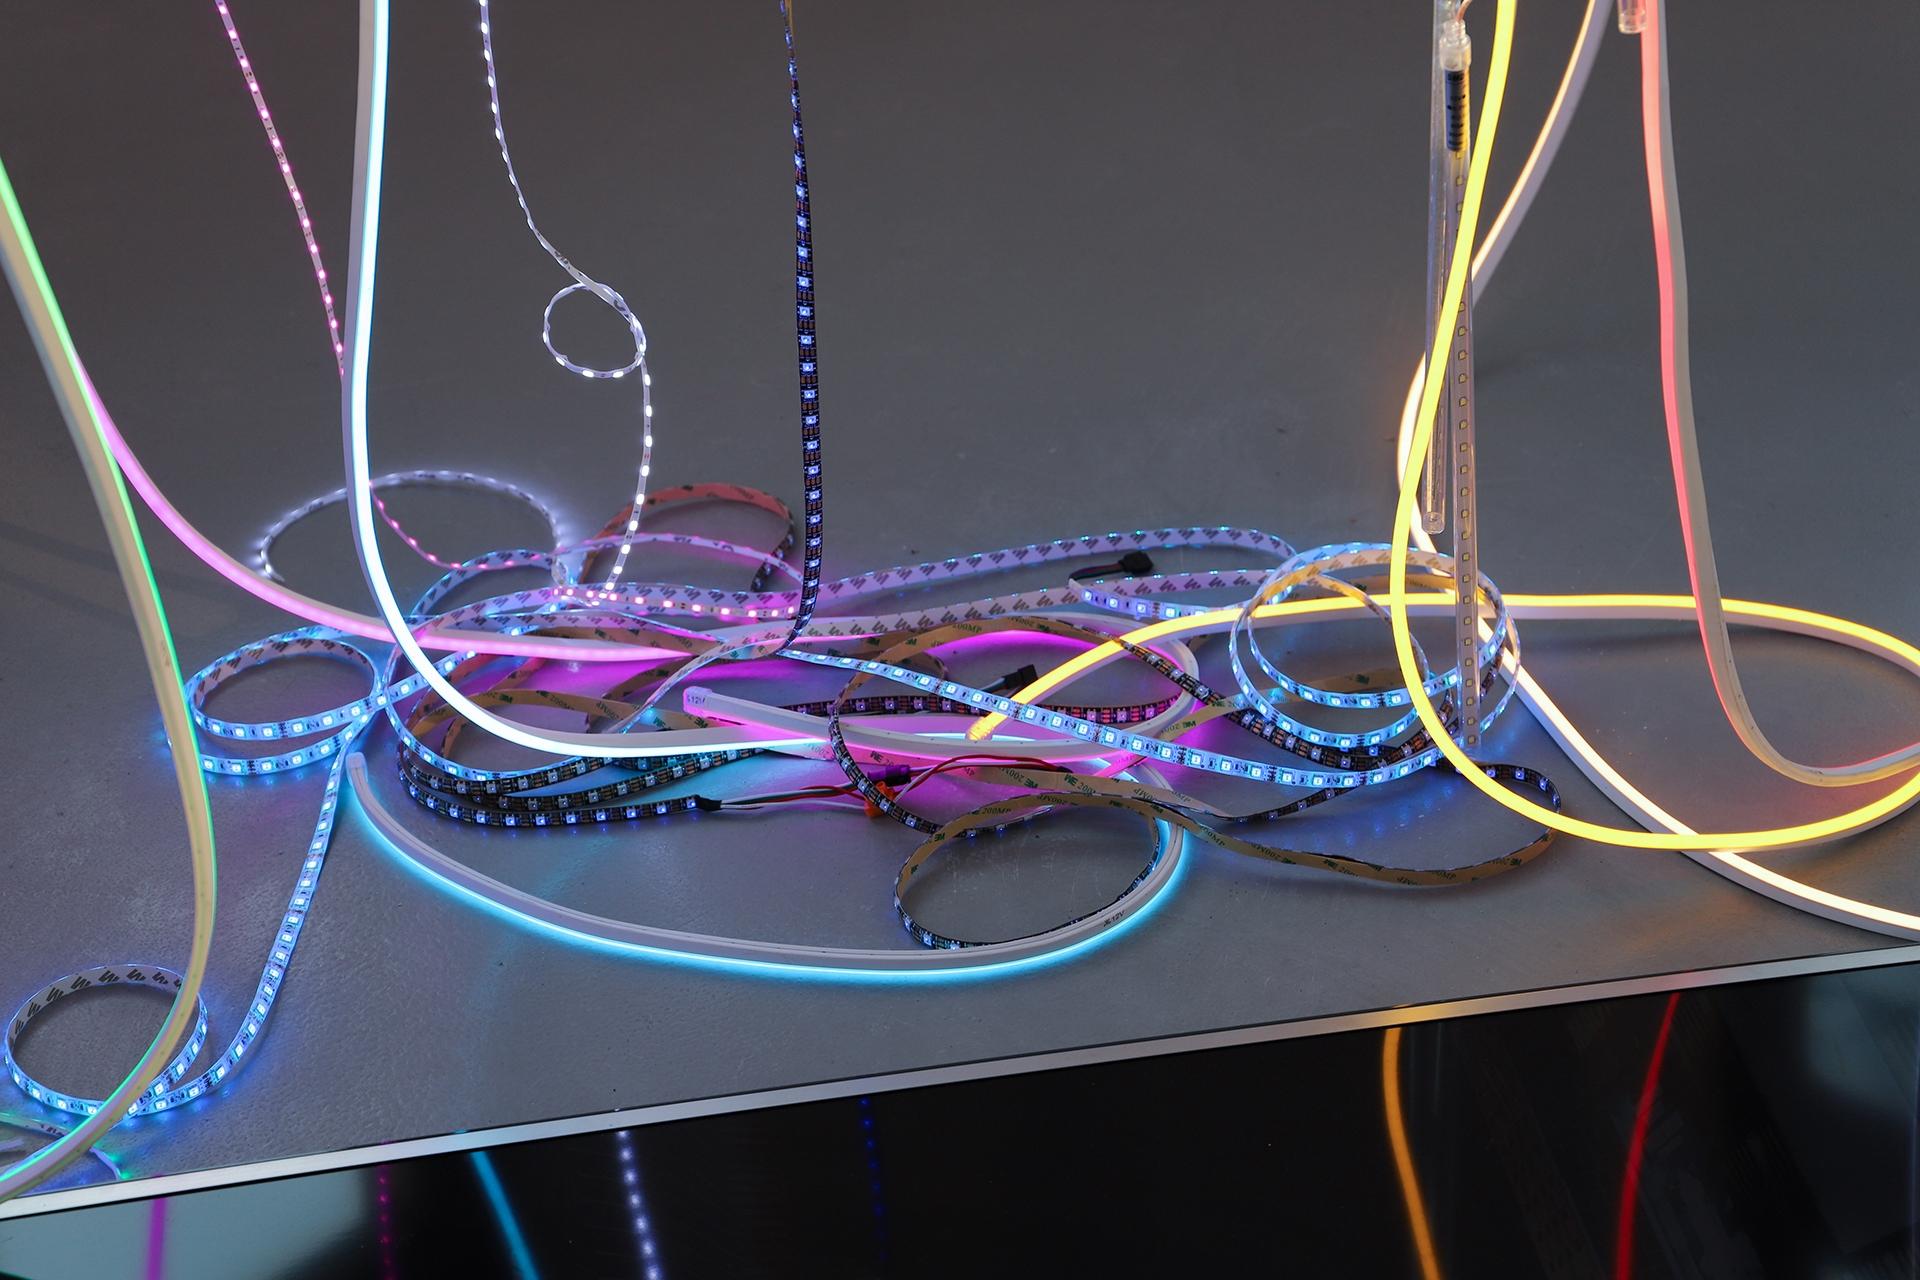 Zdjęcie przedstawia kolorowe węże z lampami led.